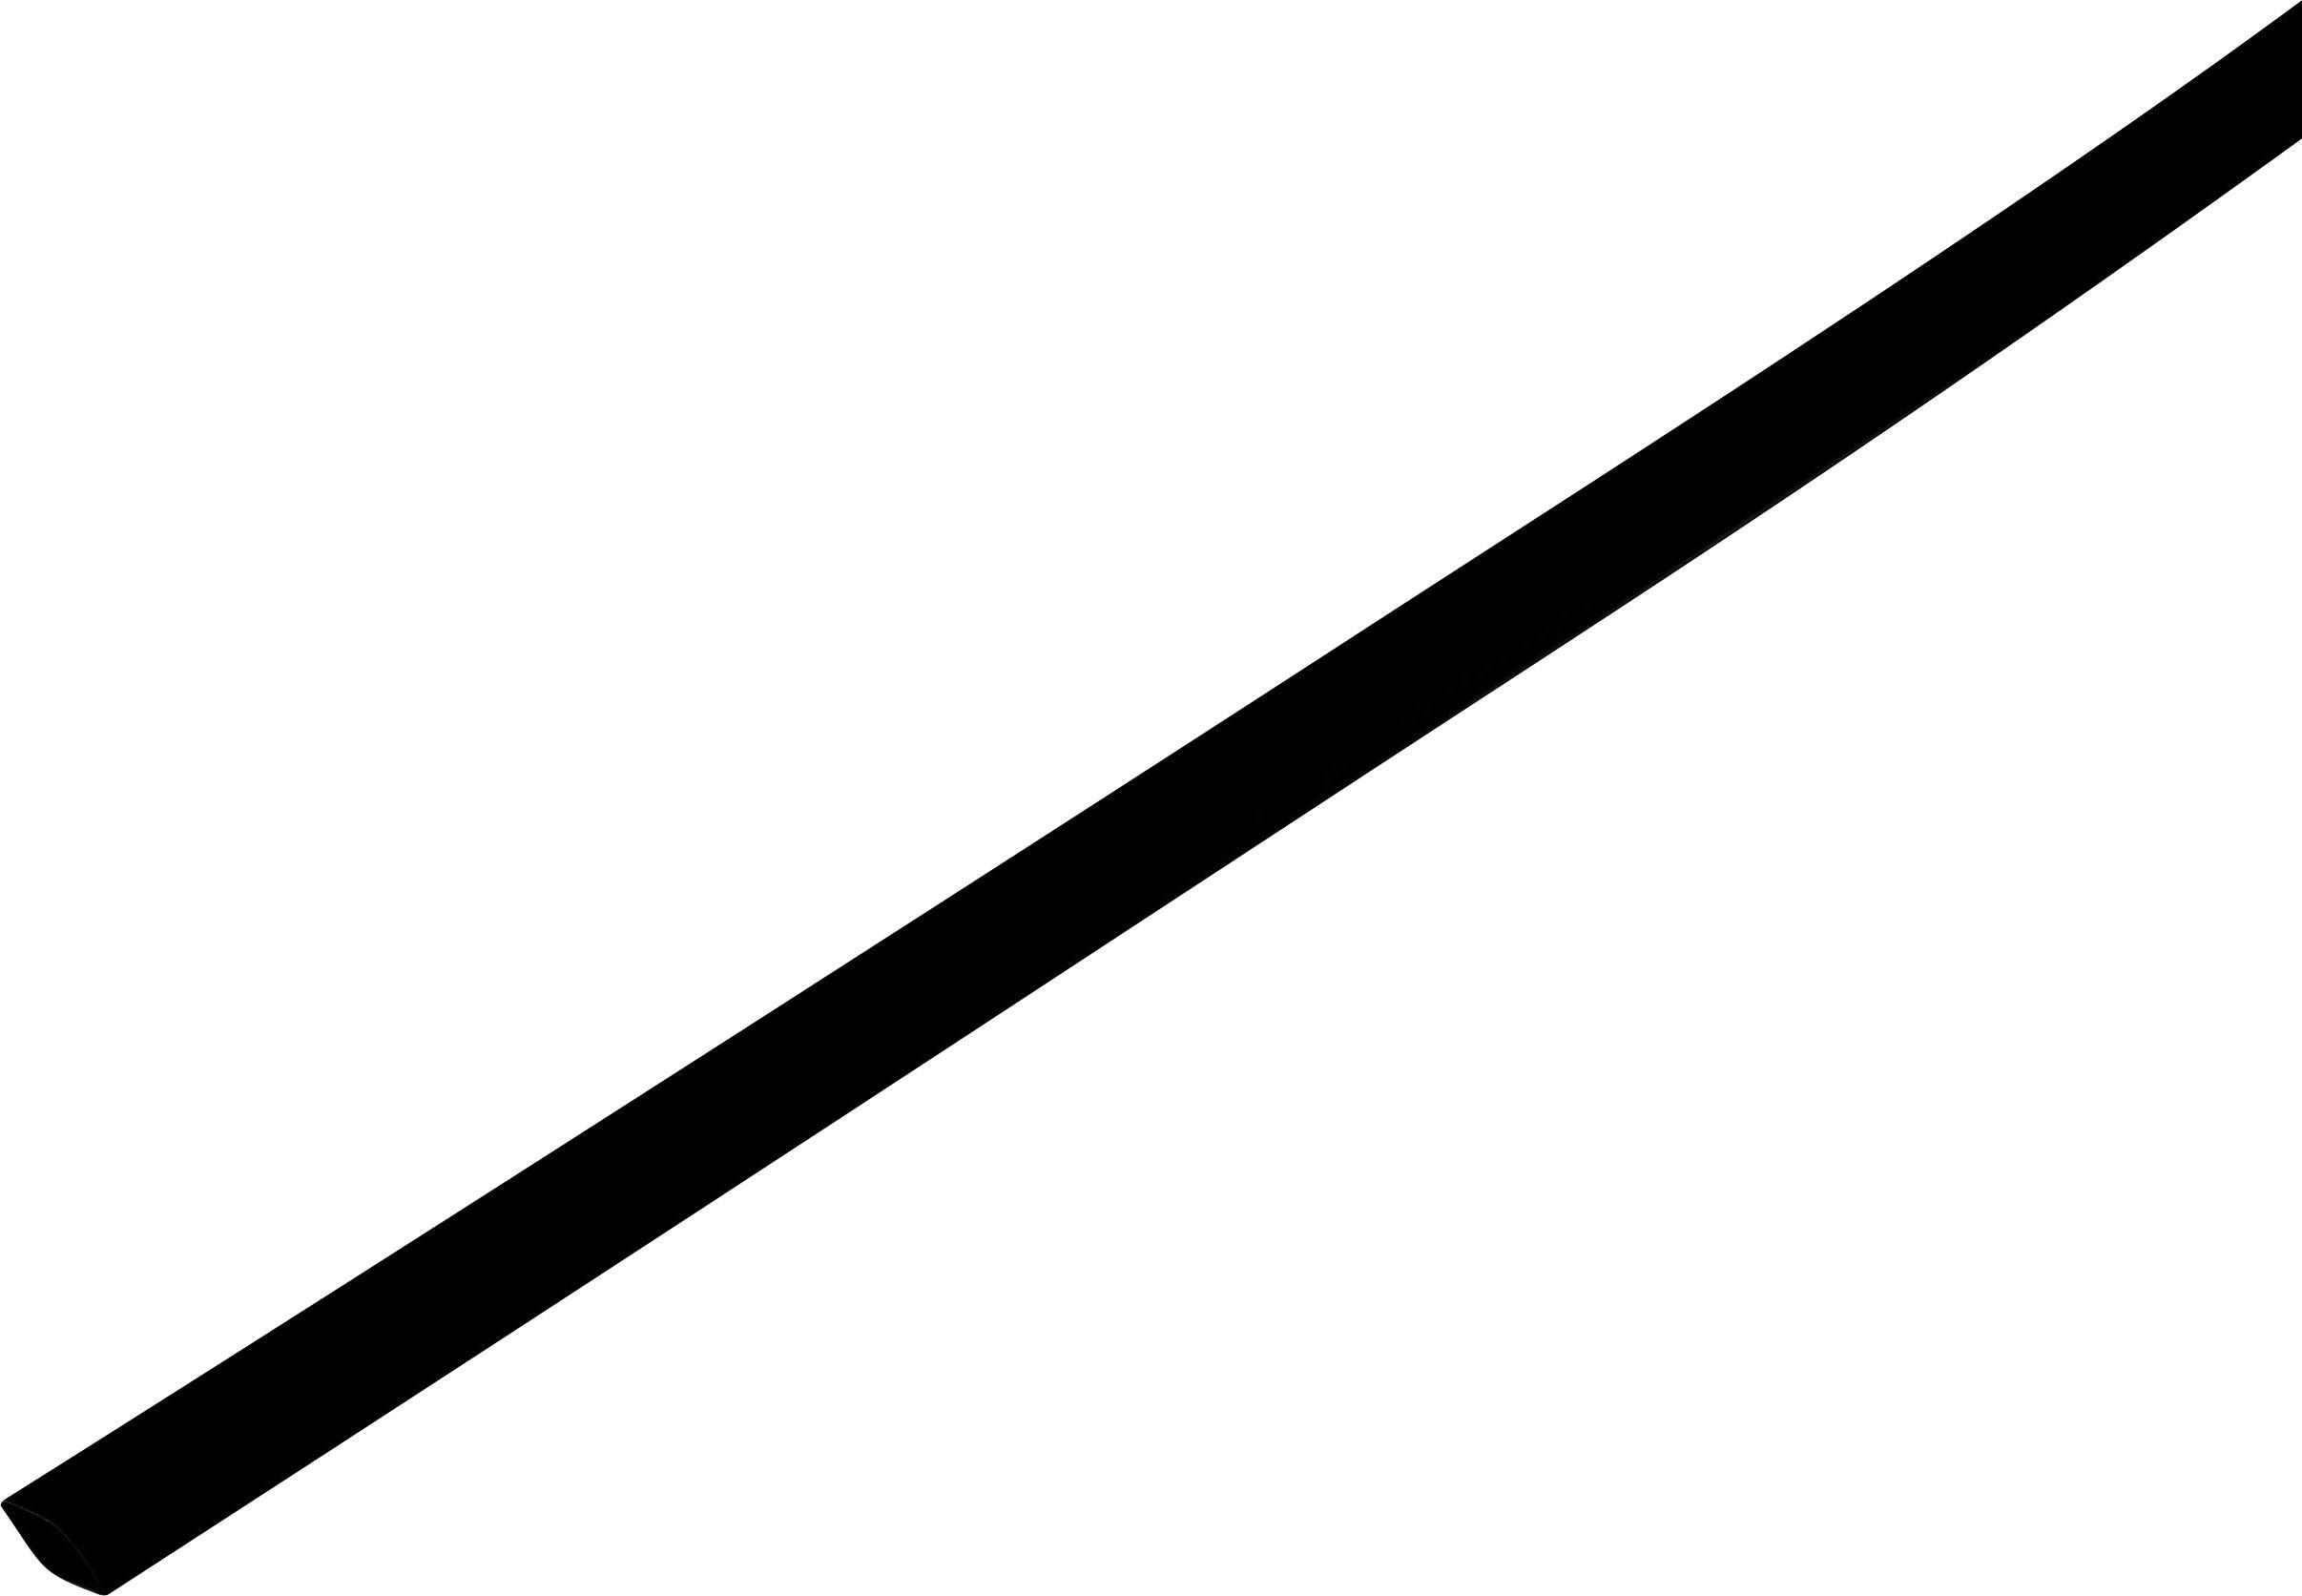 Zmršťovacia bužírka, tenkostenná / ø pred / po zmrštení: 2.5 mm / 0.75 mm